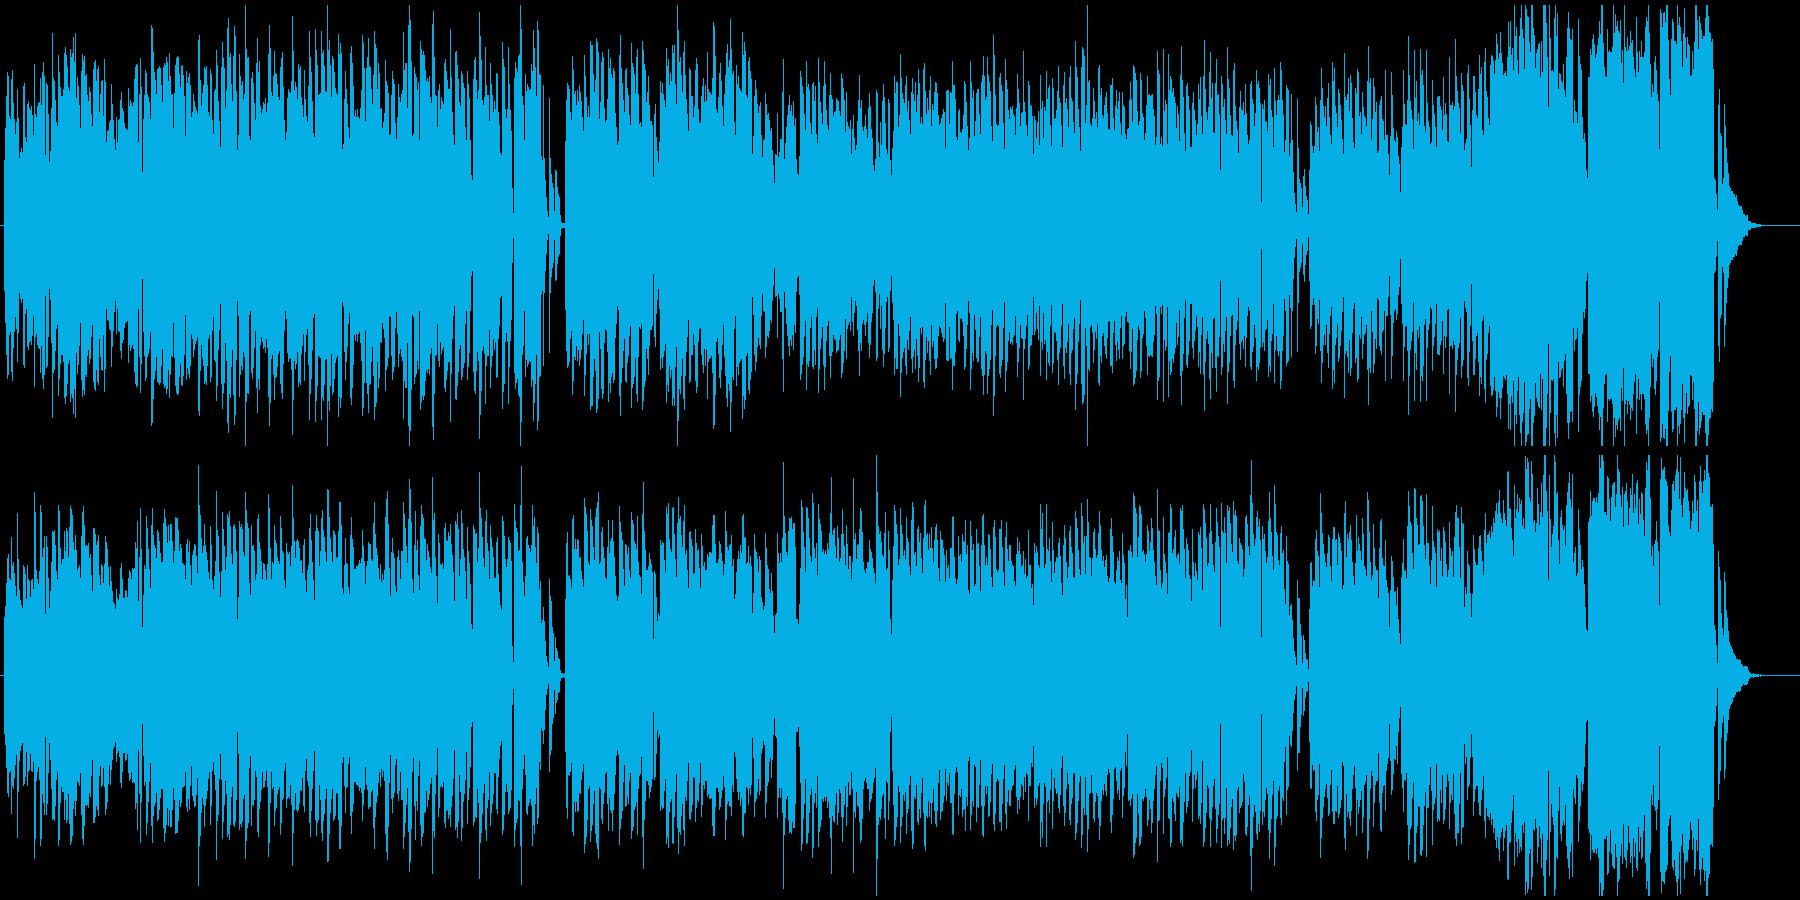 何気ない 素朴な日常生活の場面で切ない曲の再生済みの波形